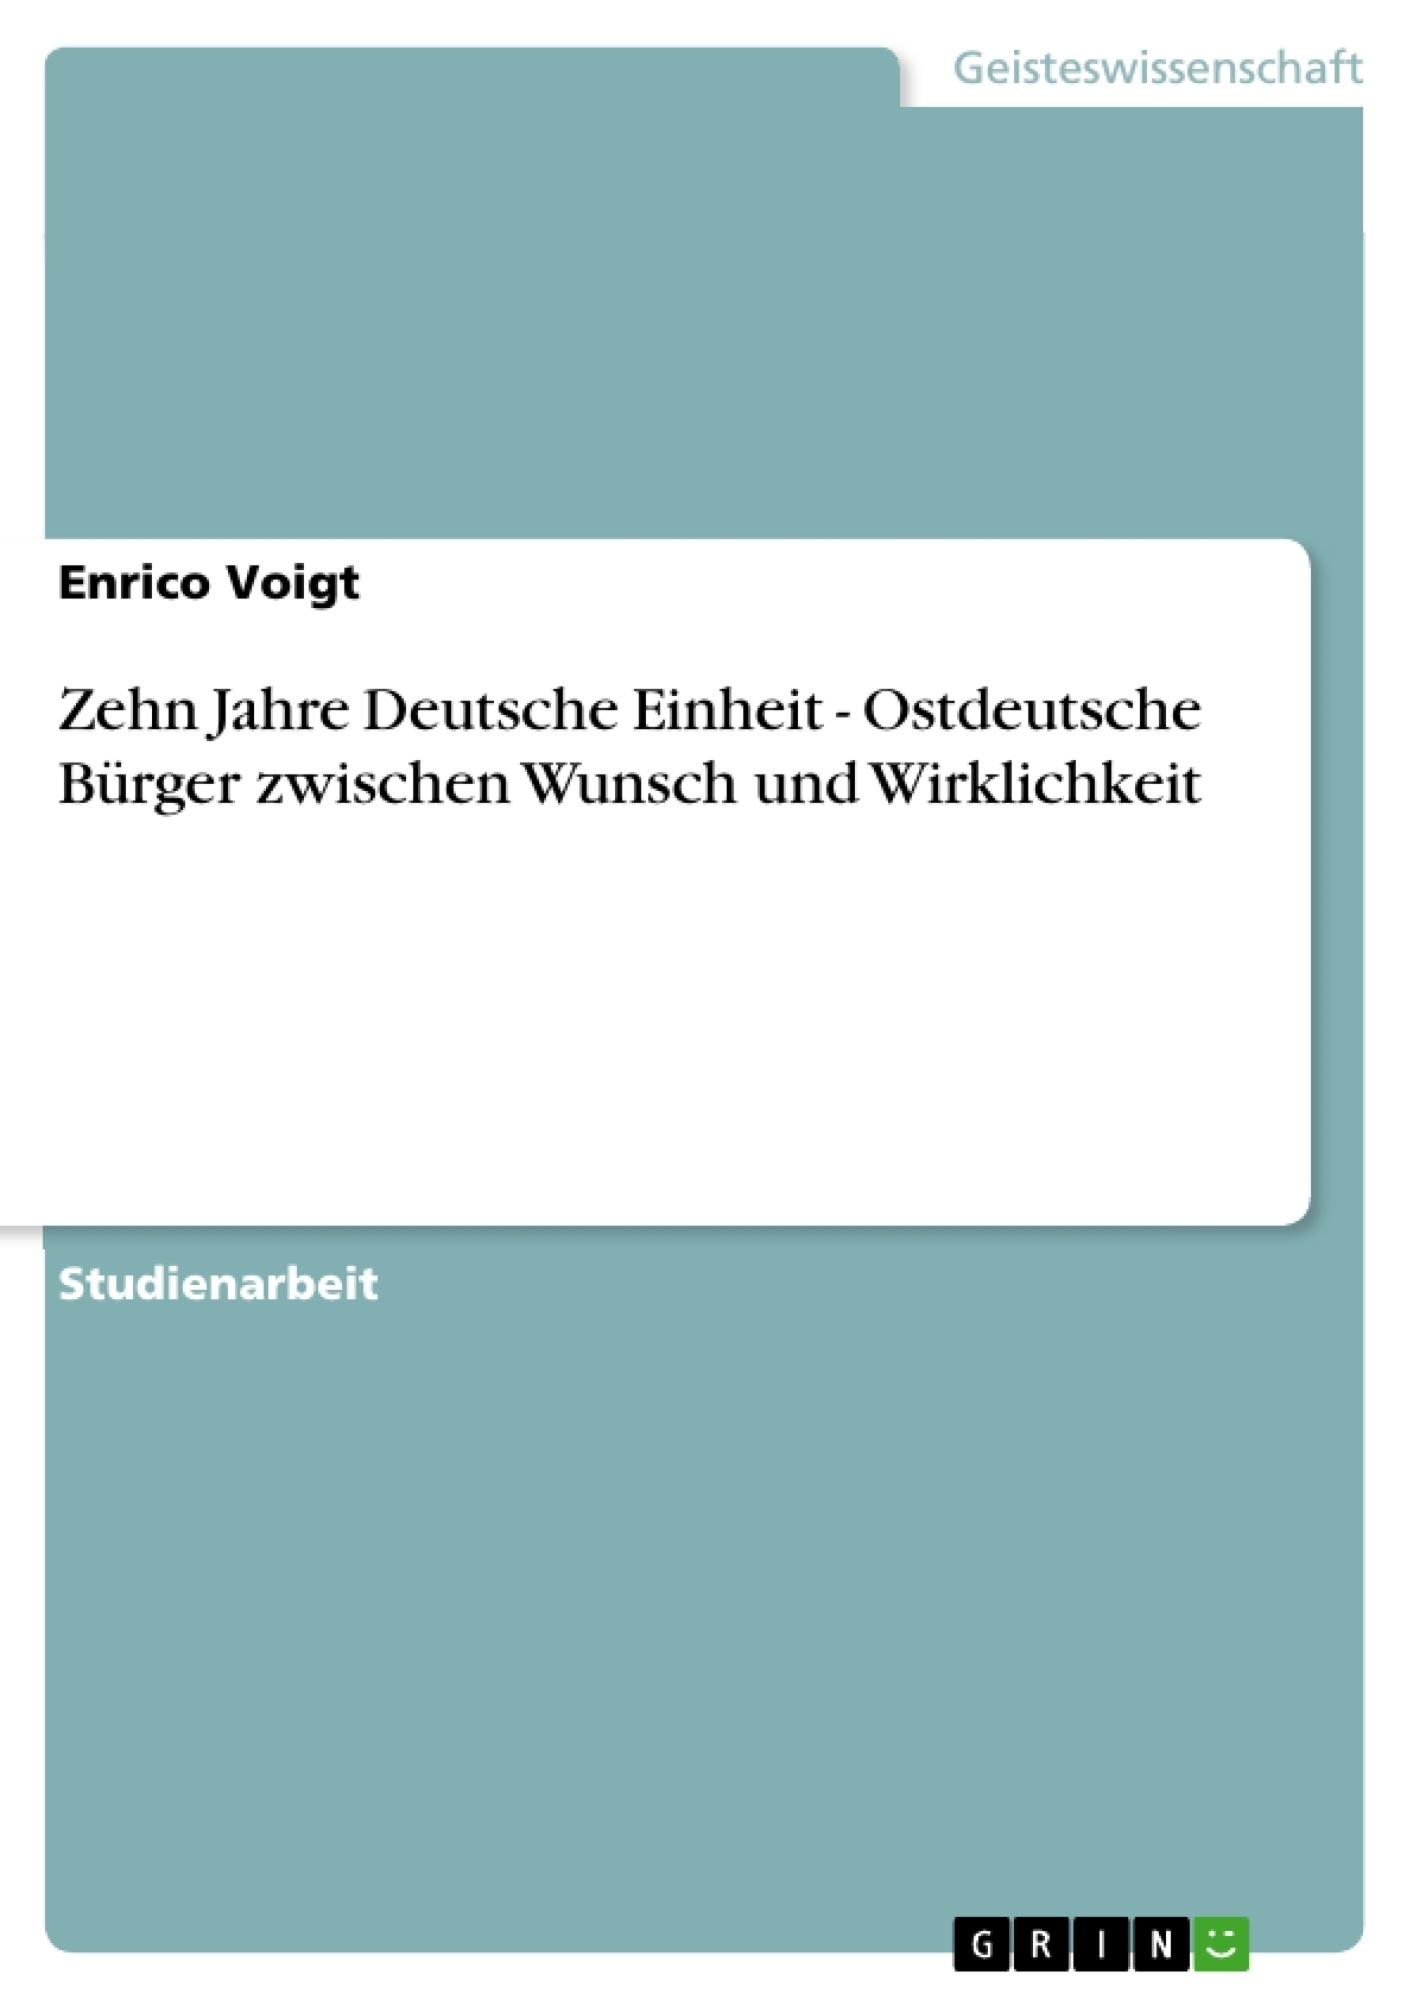 Titel: Zehn Jahre Deutsche Einheit - Ostdeutsche Bürger zwischen Wunsch und Wirklichkeit